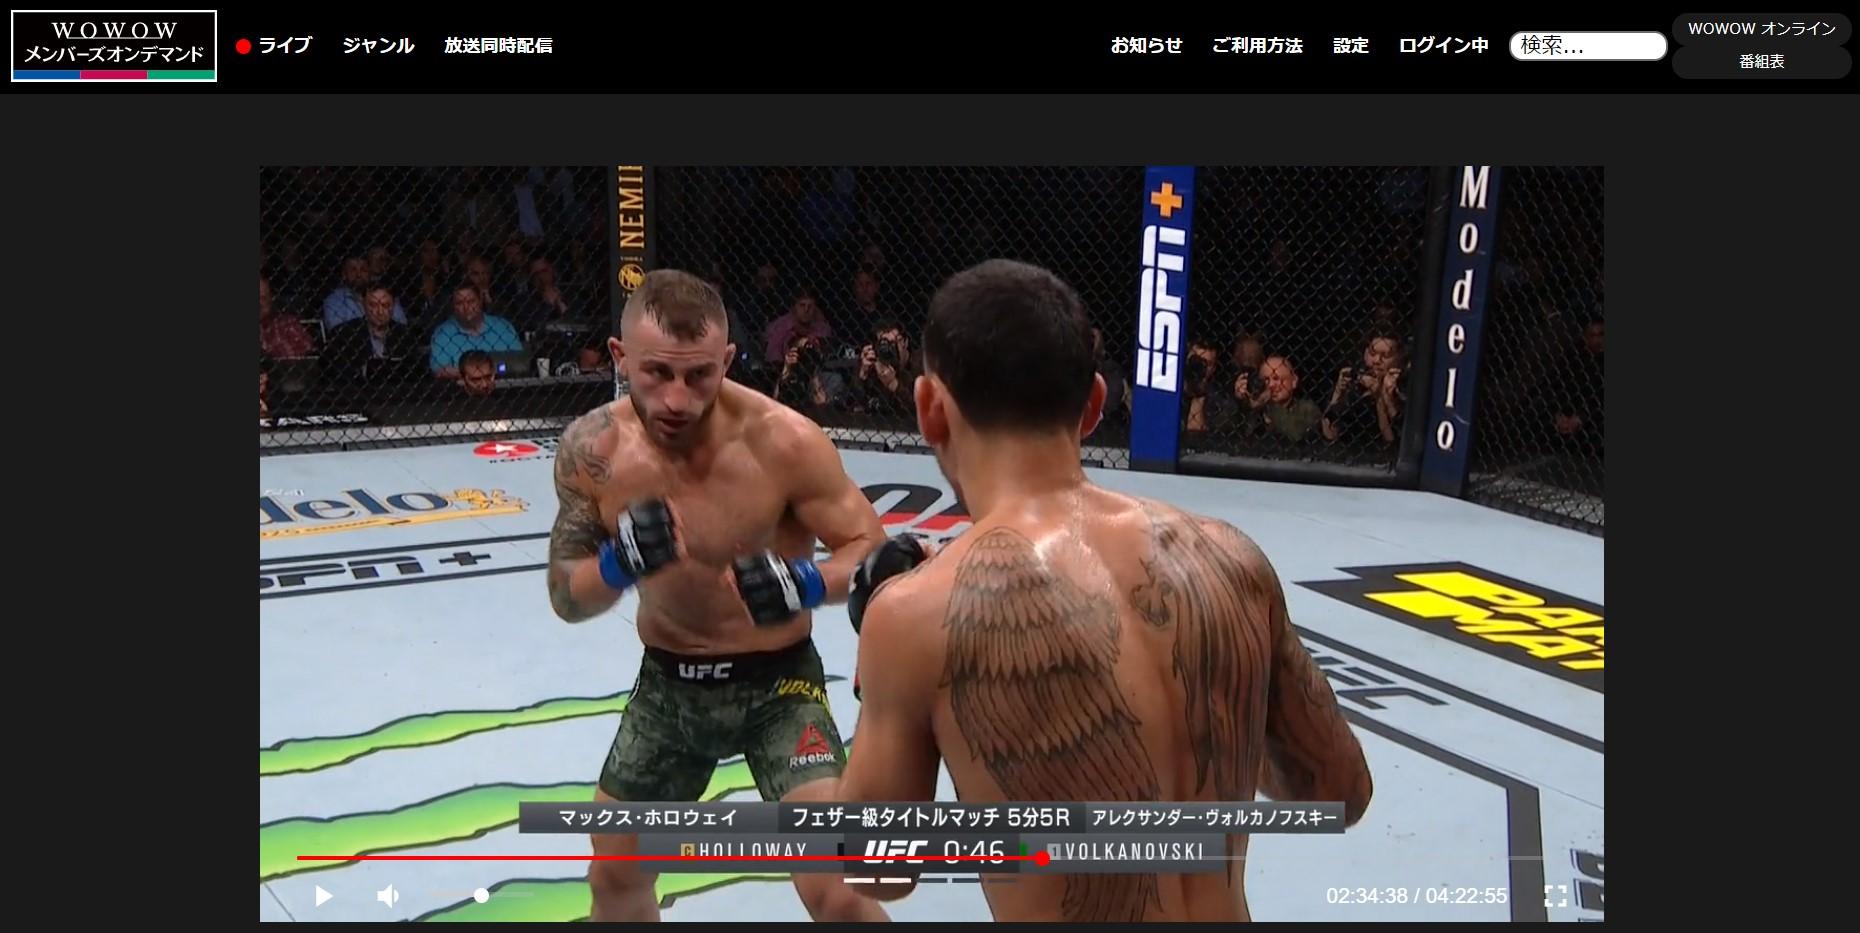 WOWOWオンデマンド見逃し配信_UFC245